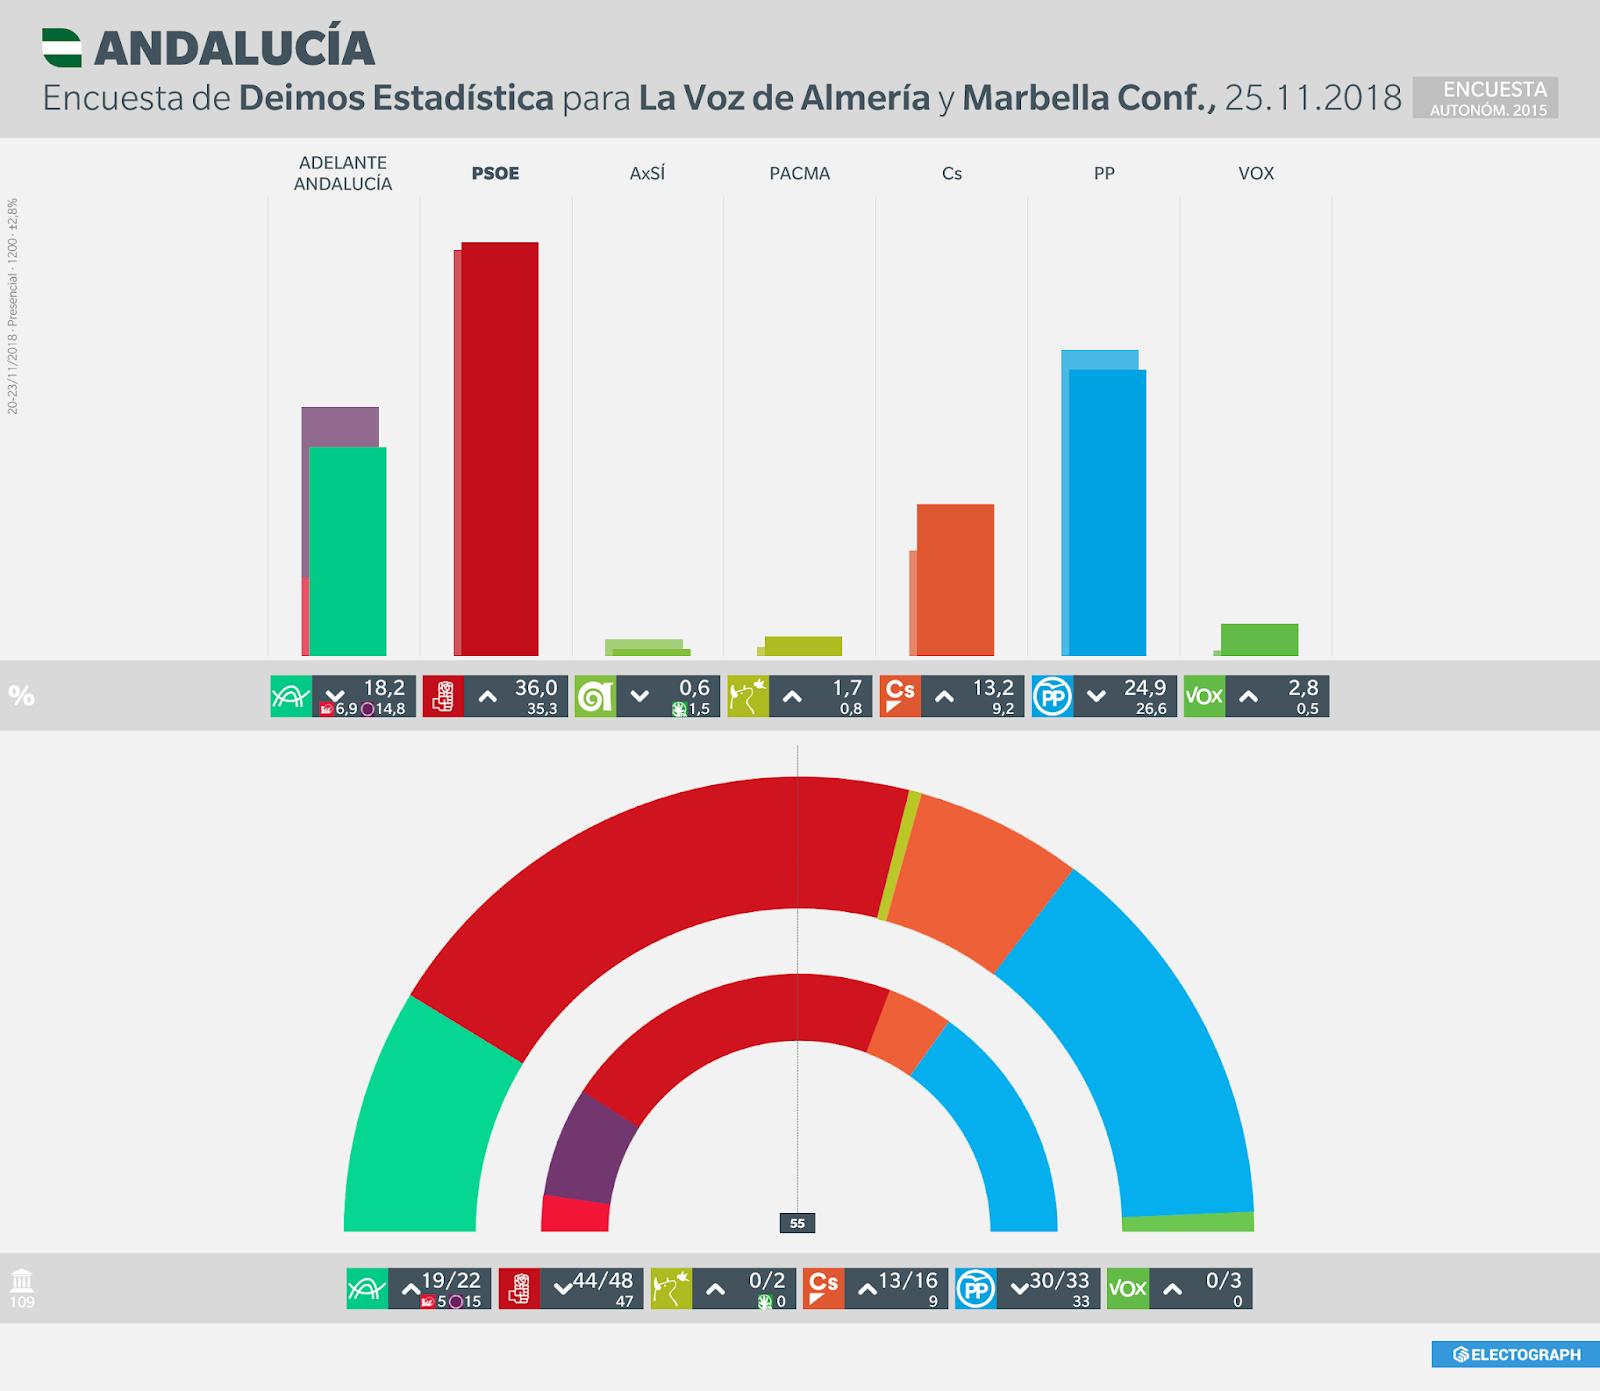 Gráfico de la encuesta para elecciones autonómicas en Andalucía realizada por Deimos Estadística para La Voz de Almería y Marbella Confidencial en noviembre de 2018